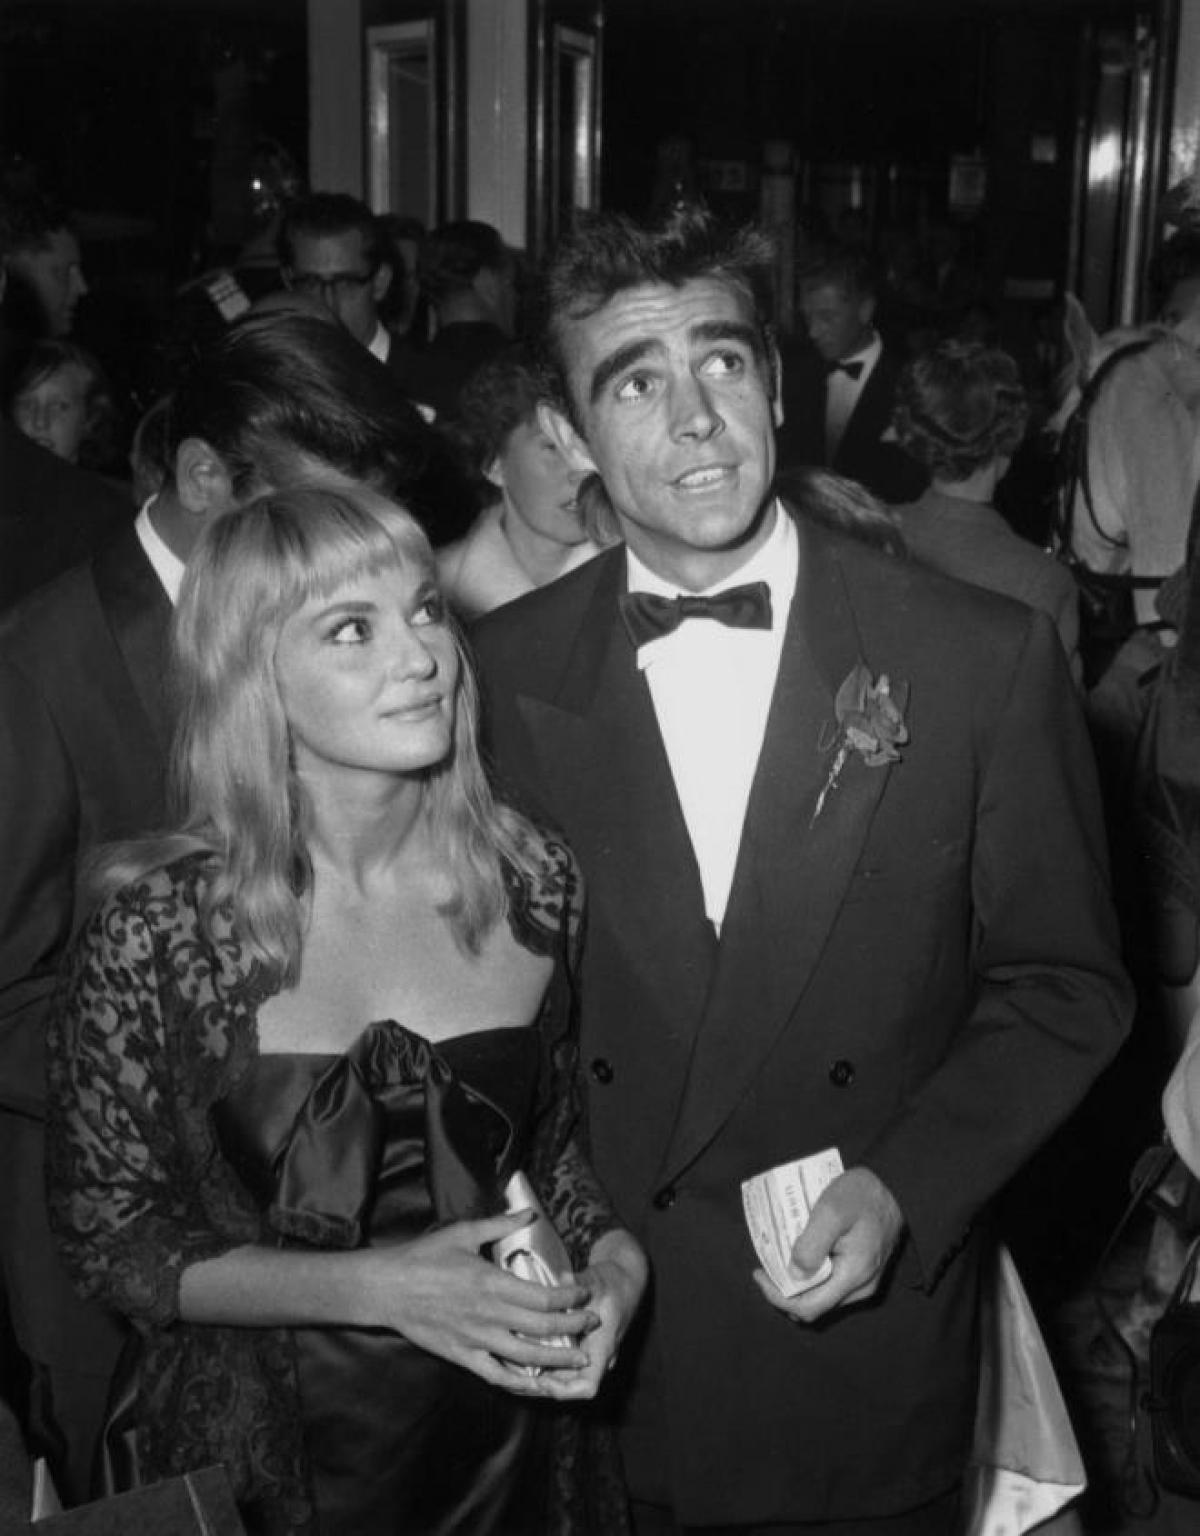 Sean Connery có sự nghiệp diễn xuất thành công, kéo dài trong nhiều thập kỷ, nhận vô số giải thưởng lớn, bao gồm 1 giải Oscar, 2 giải BAFTA (Giải thưởng Điện ảnh Viện Hàn lâm Anh quốc) và 3 giải Quả Cầu Vàng.